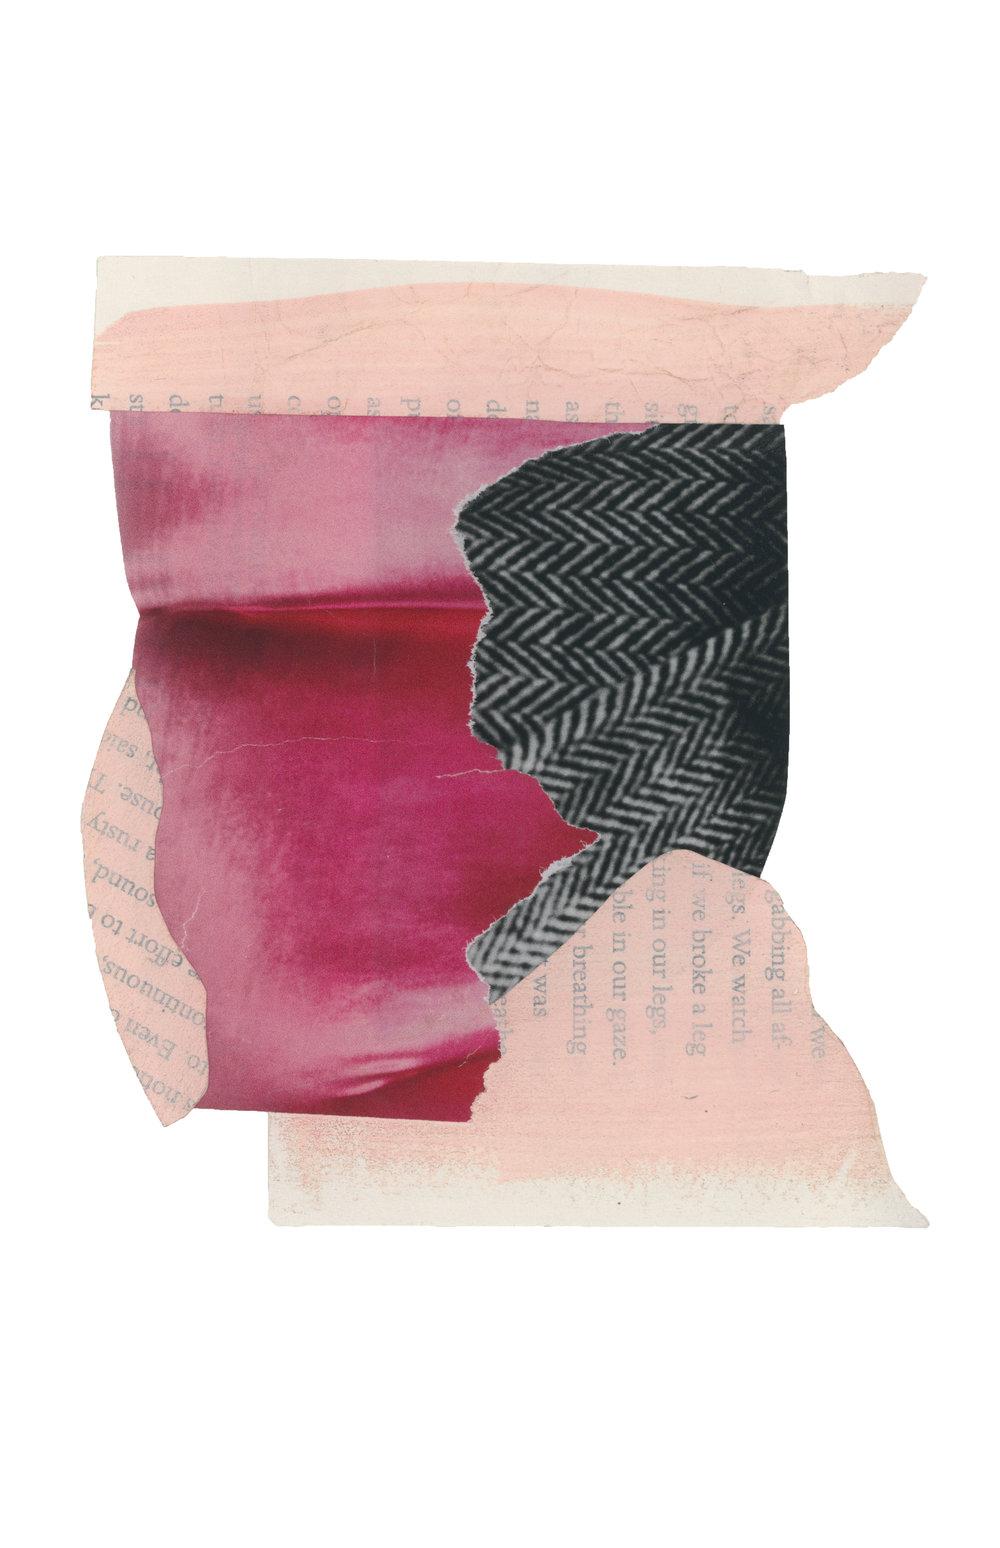 Textures in Pink